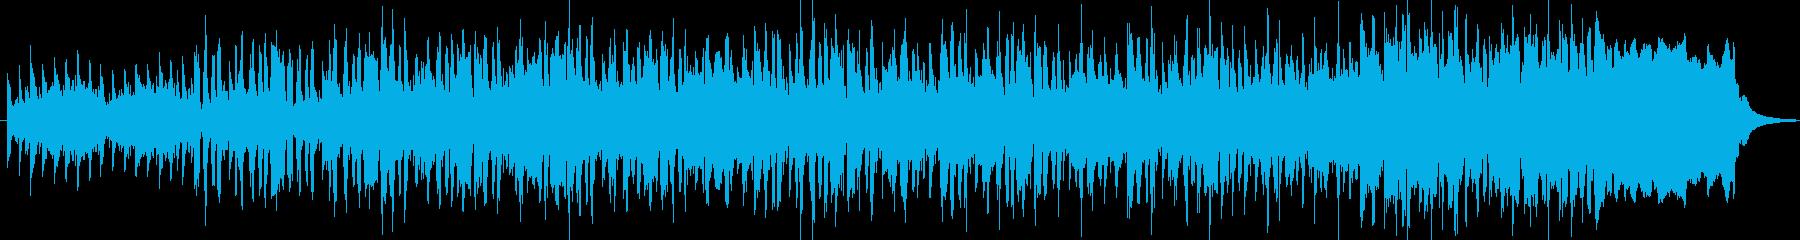 ダイナミックで明るく爽やかなBGMの再生済みの波形